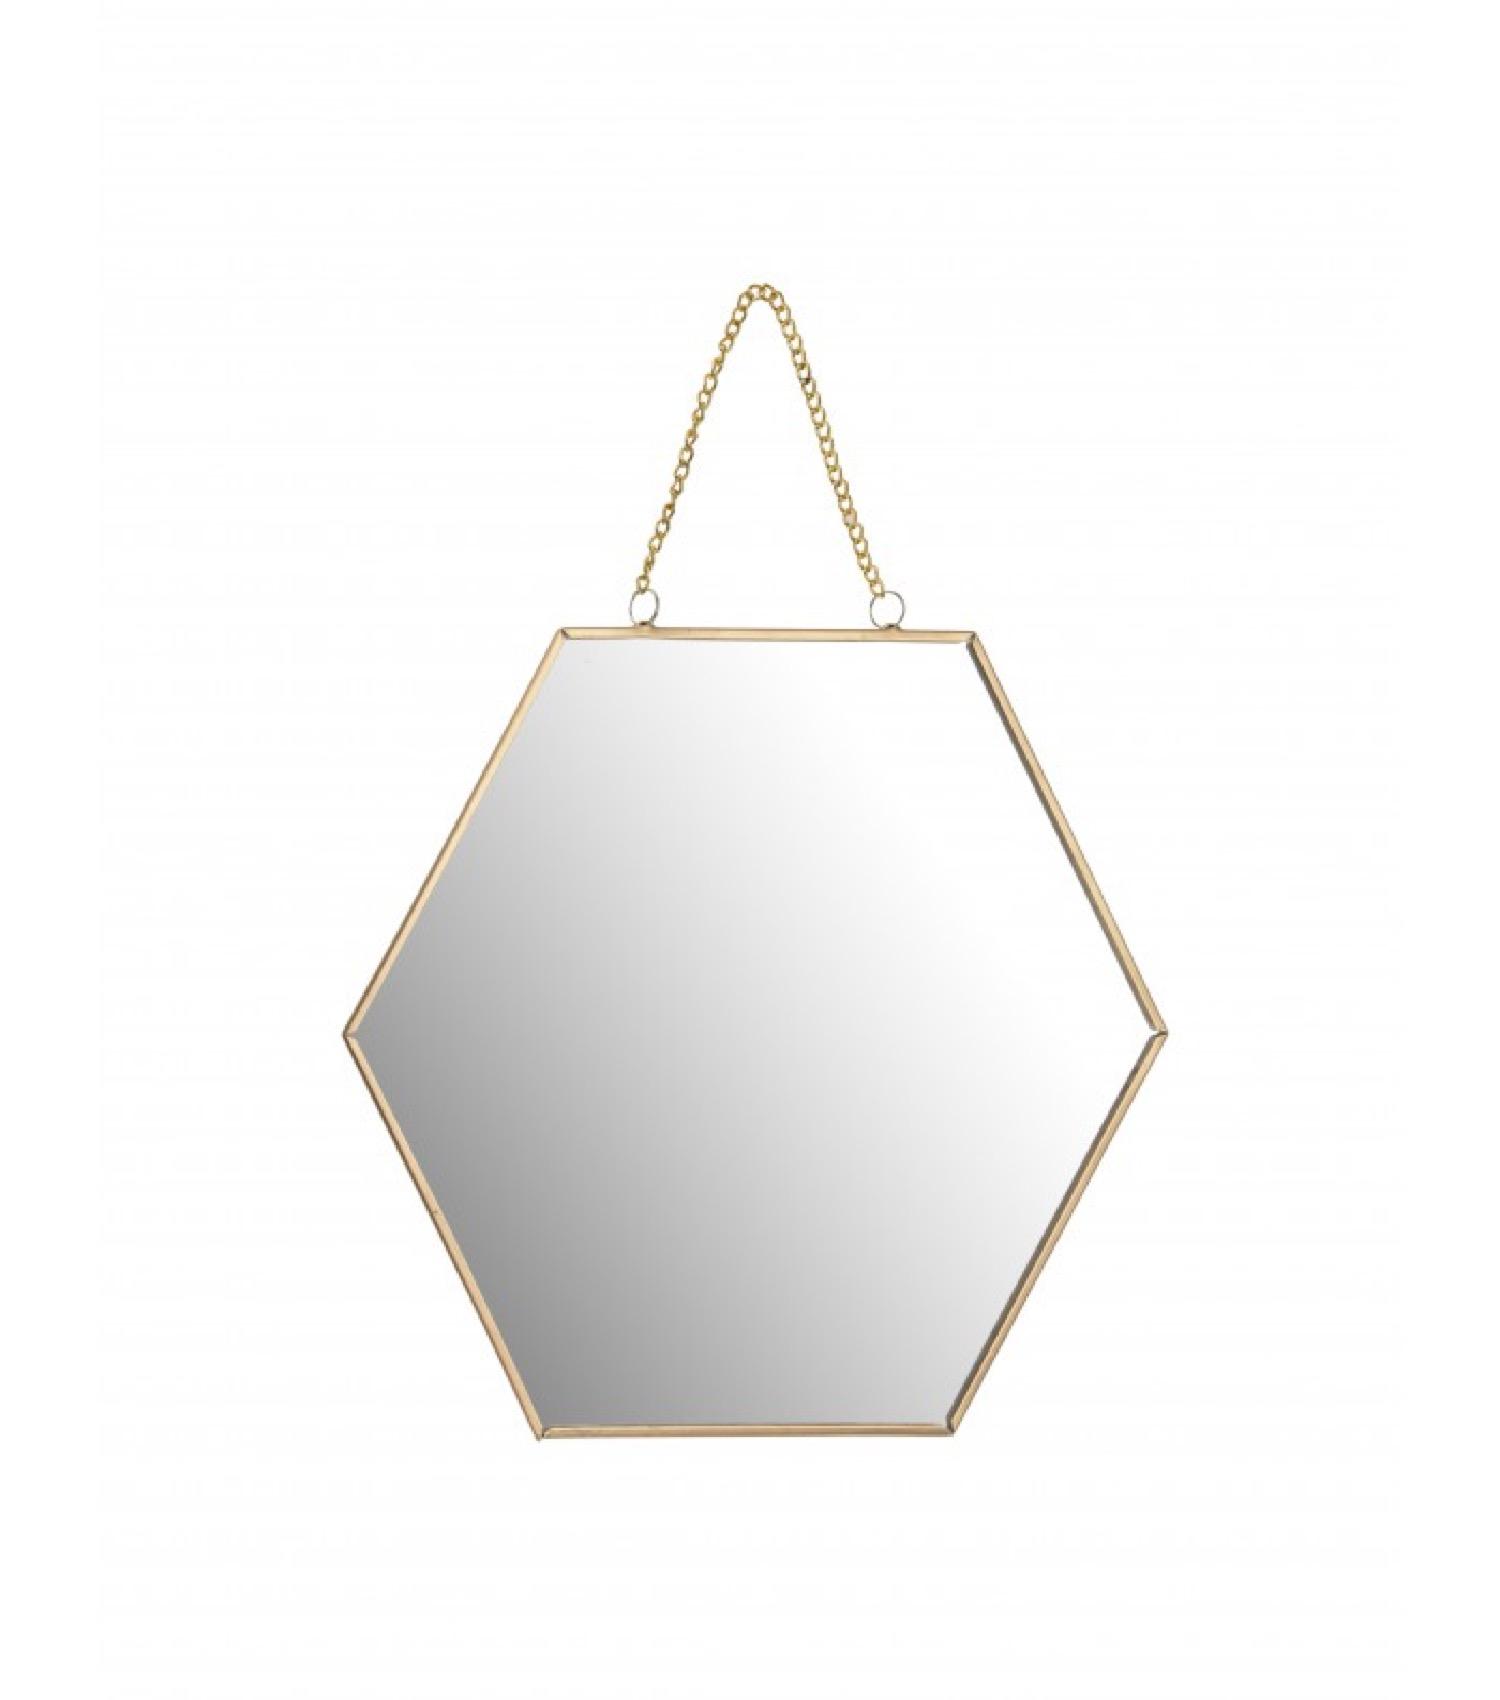 Miroir doré suspendu avec chaînette 20x18